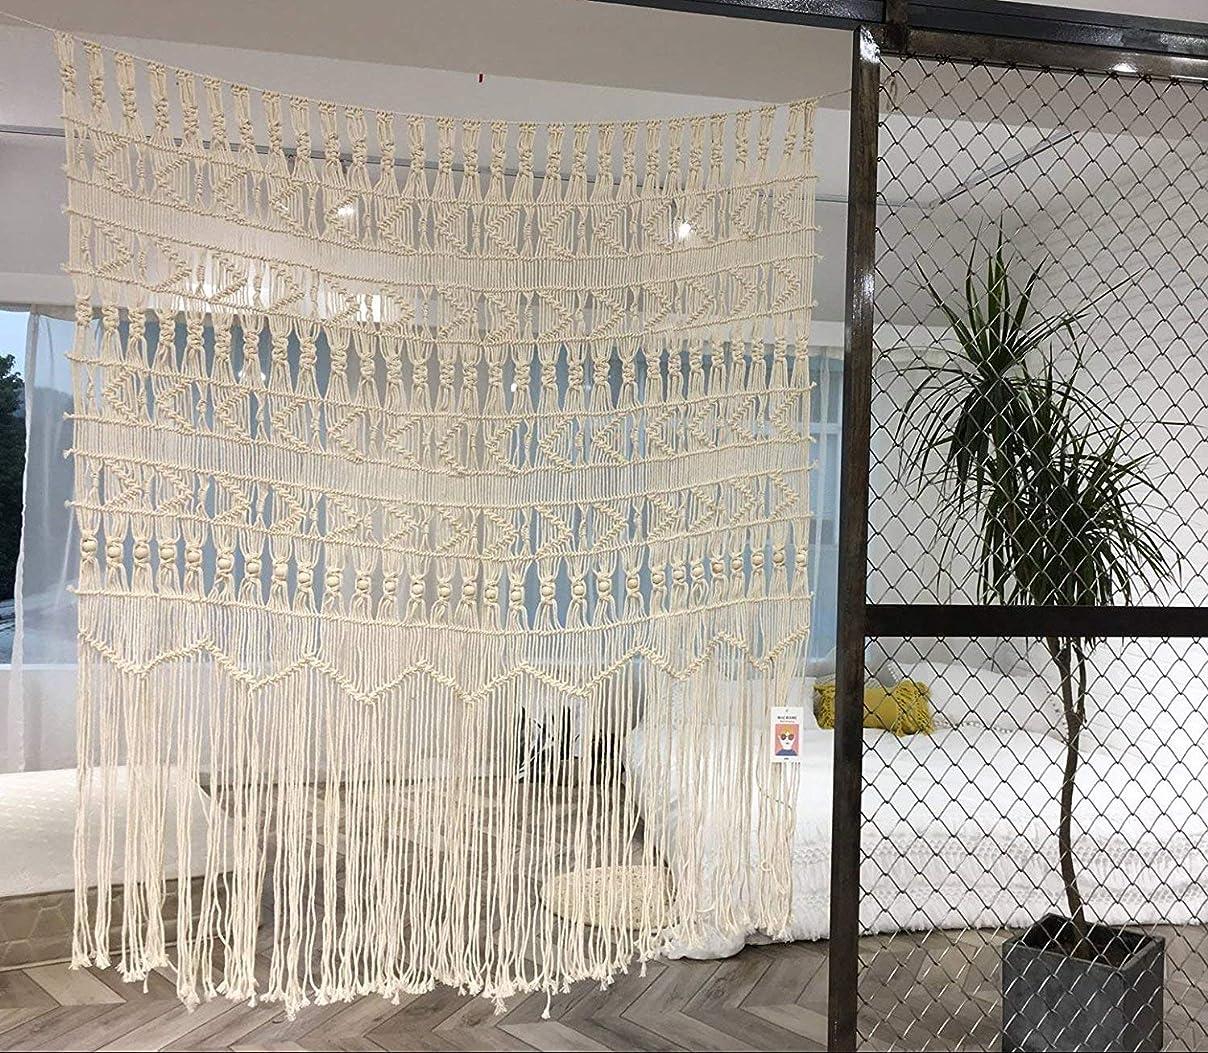 バイオリン子羊輝度Macrame Wall Hanging boho-inspiredタッチウィンドウカーテン、52?